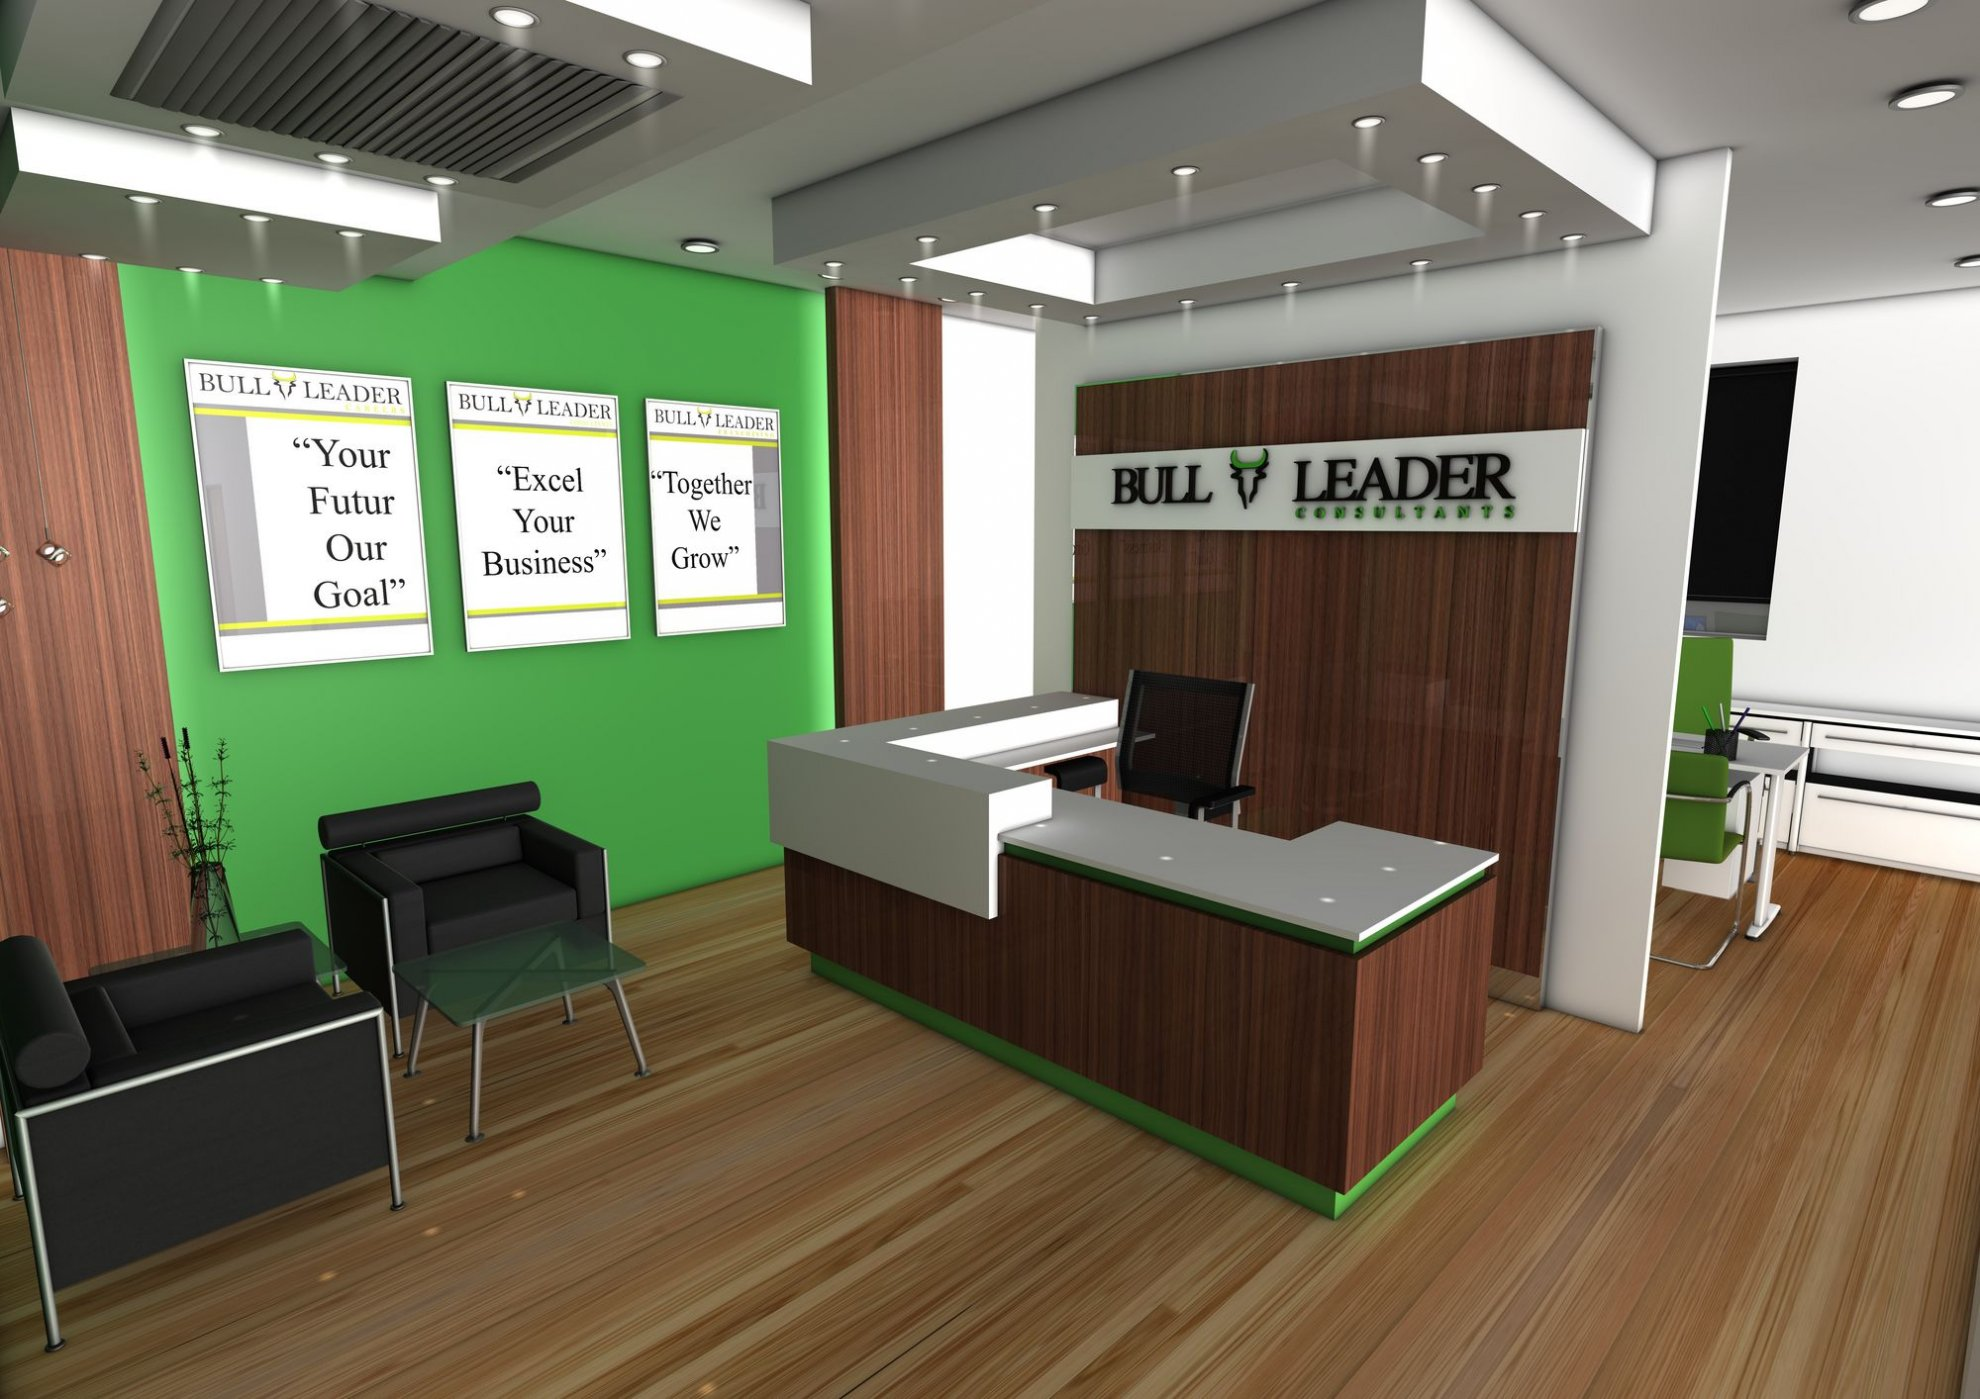 小型办公室前台布置装修图片